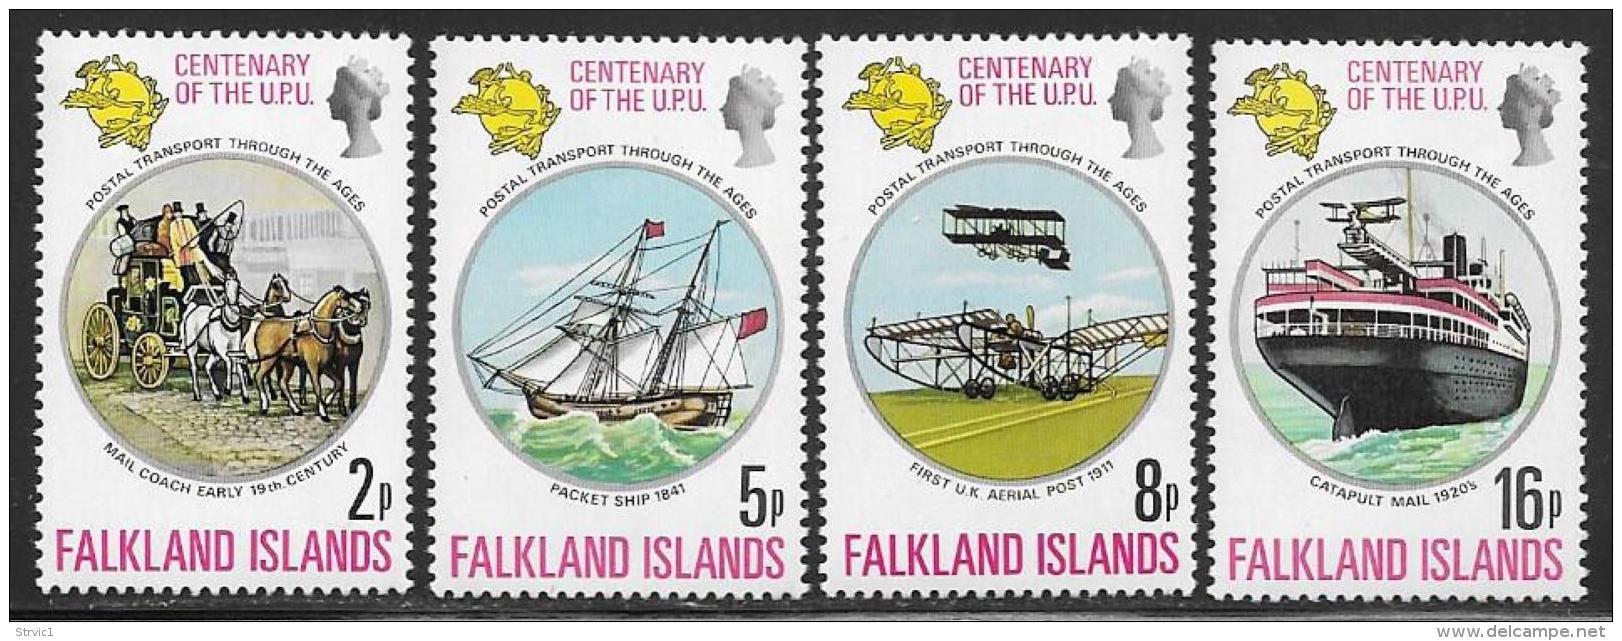 Falkland Islands, Scott # 231-4 MNH UPU Centenary, 1974 - Falkland Islands